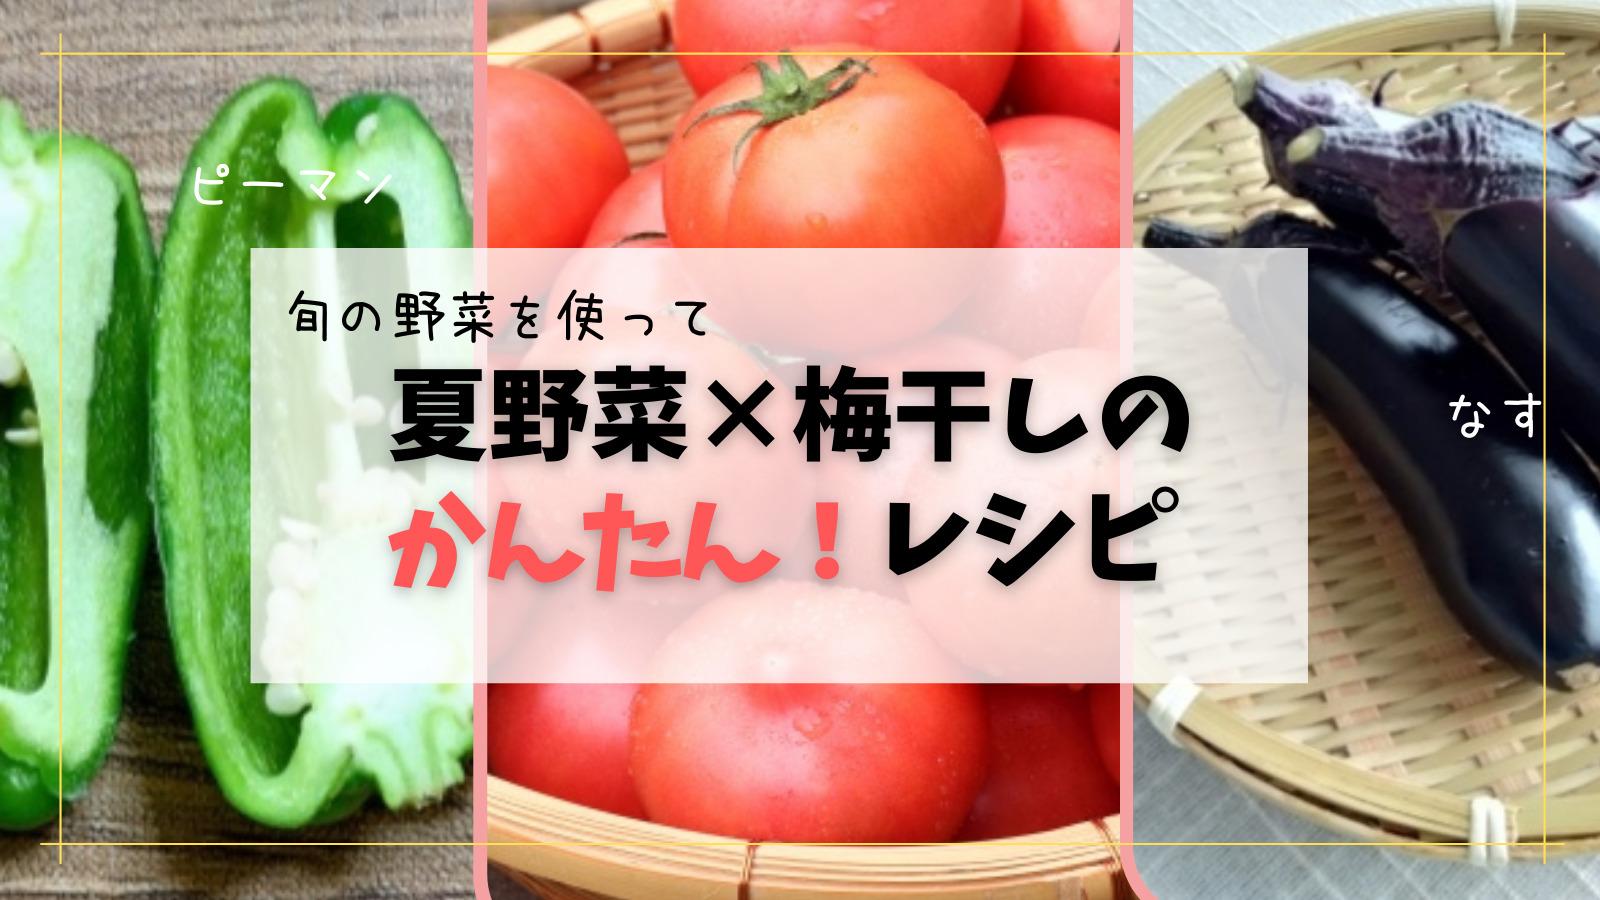 旬を楽しむ!【夏野菜】×梅干しを使った簡単レシピ8選